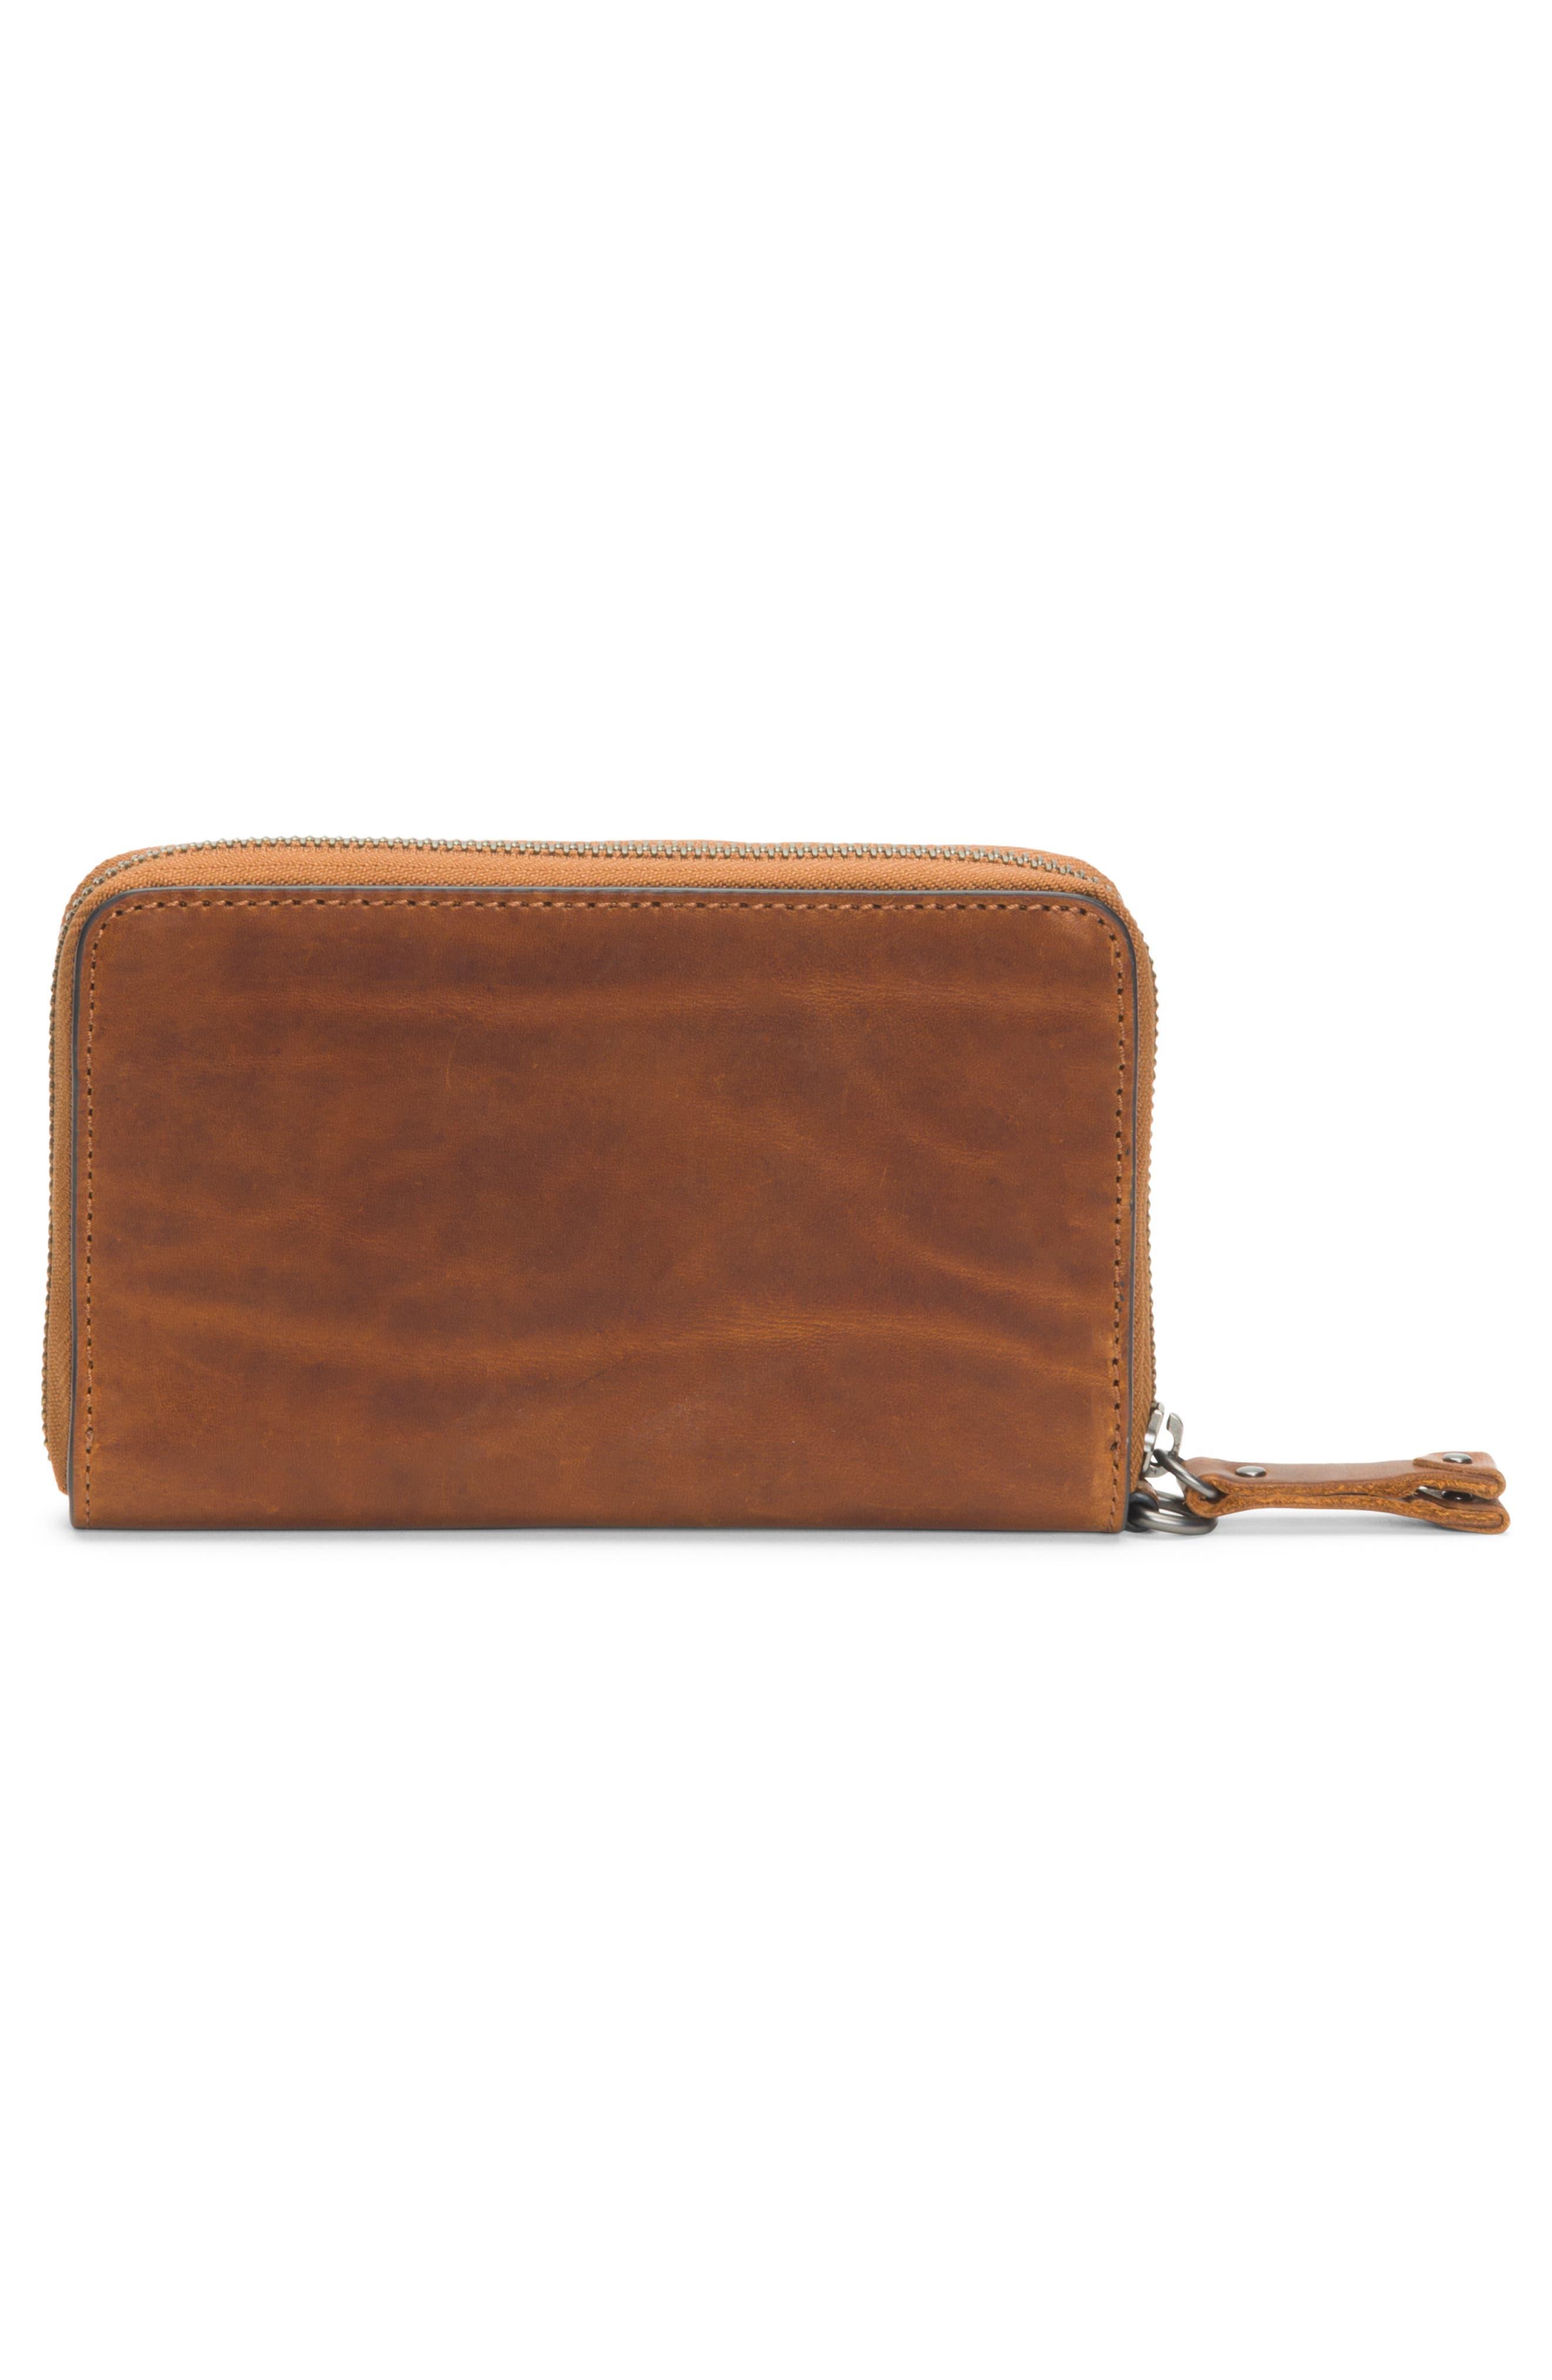 Melissa Large Leather Phone Wallet,                             Alternate thumbnail 3, color,                             COGNAC